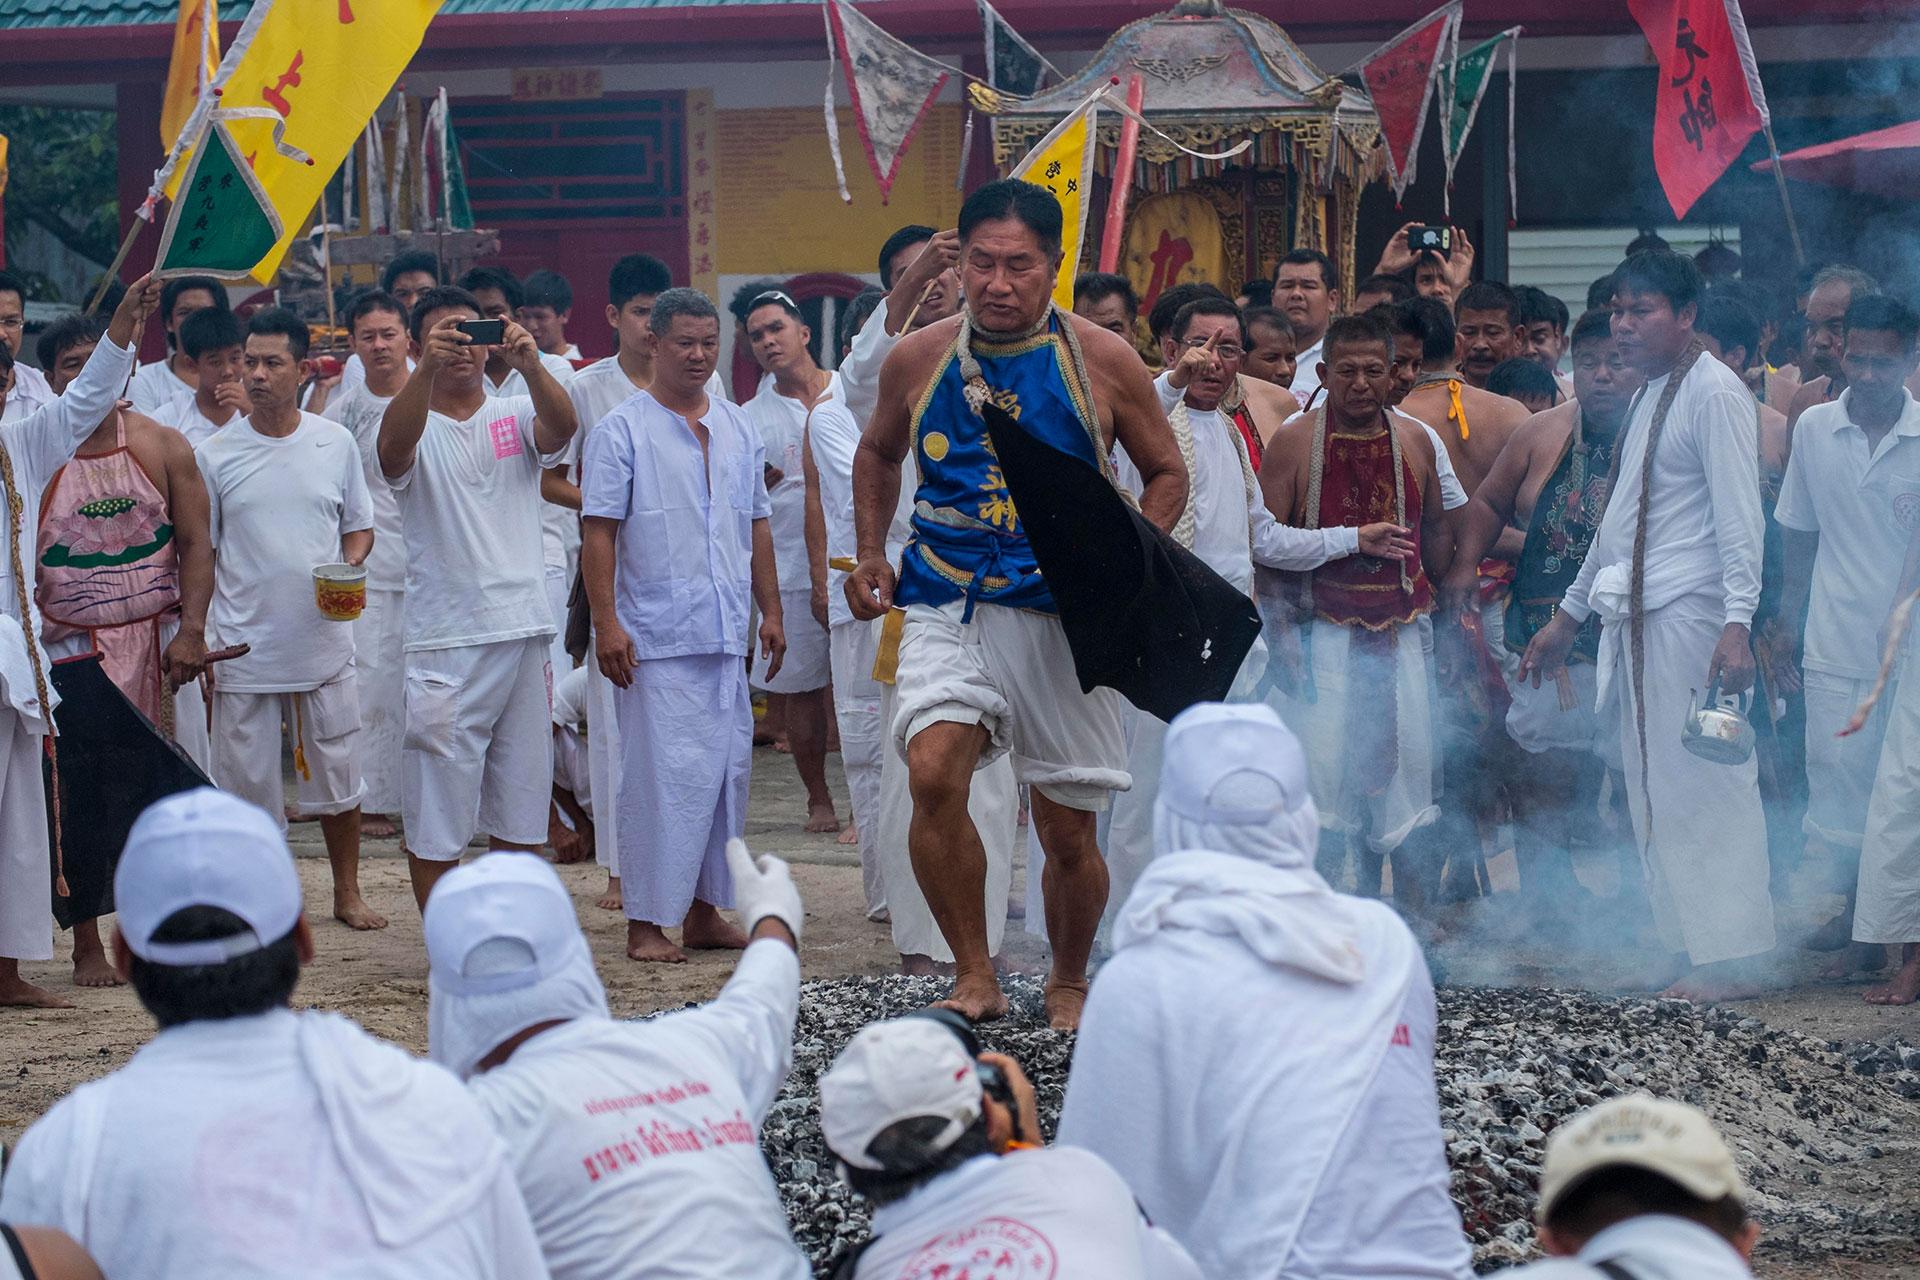 También caminan sobre brasas ardientes como sacrificio a los dioses (Getty)